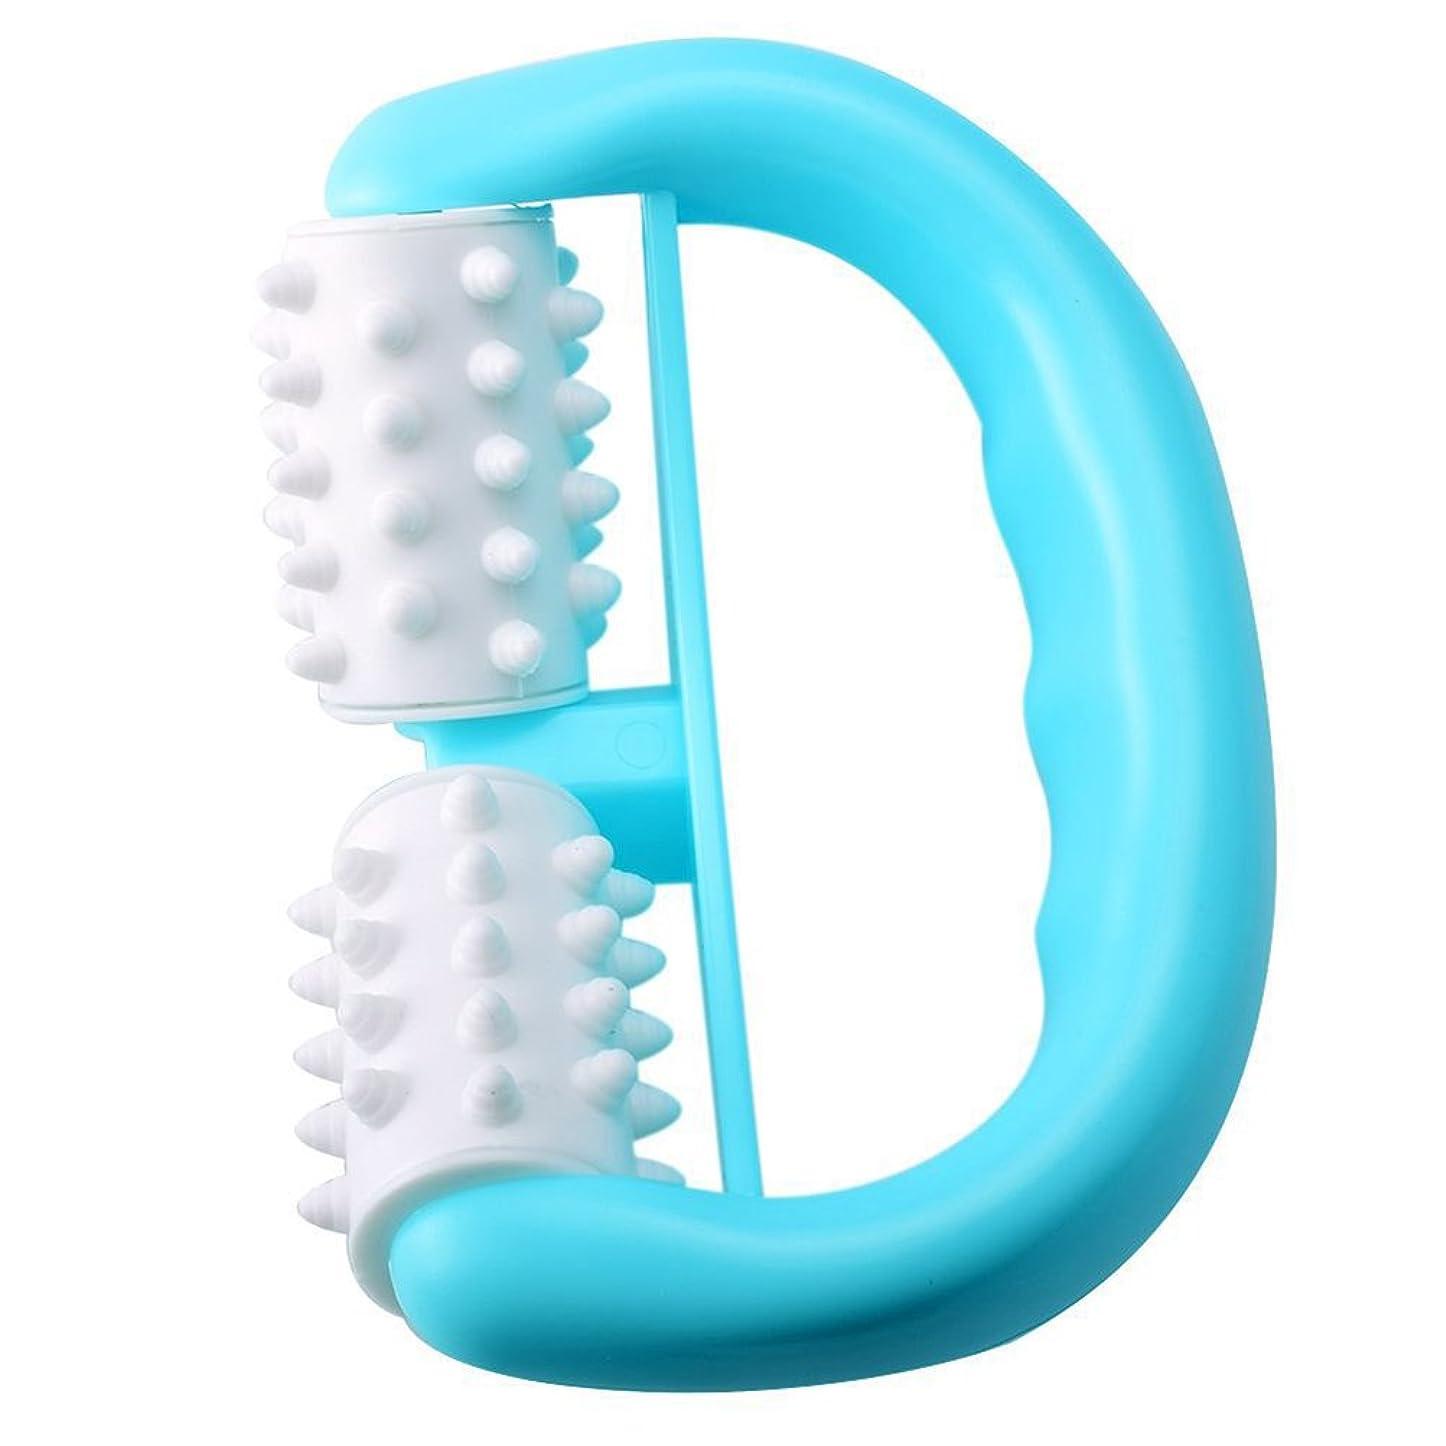 マントル水平頼むROSENICE セルライトマッサージャー深部組織筋筋肉解放ツールボディセラピーマッサージファットブラスター(青)